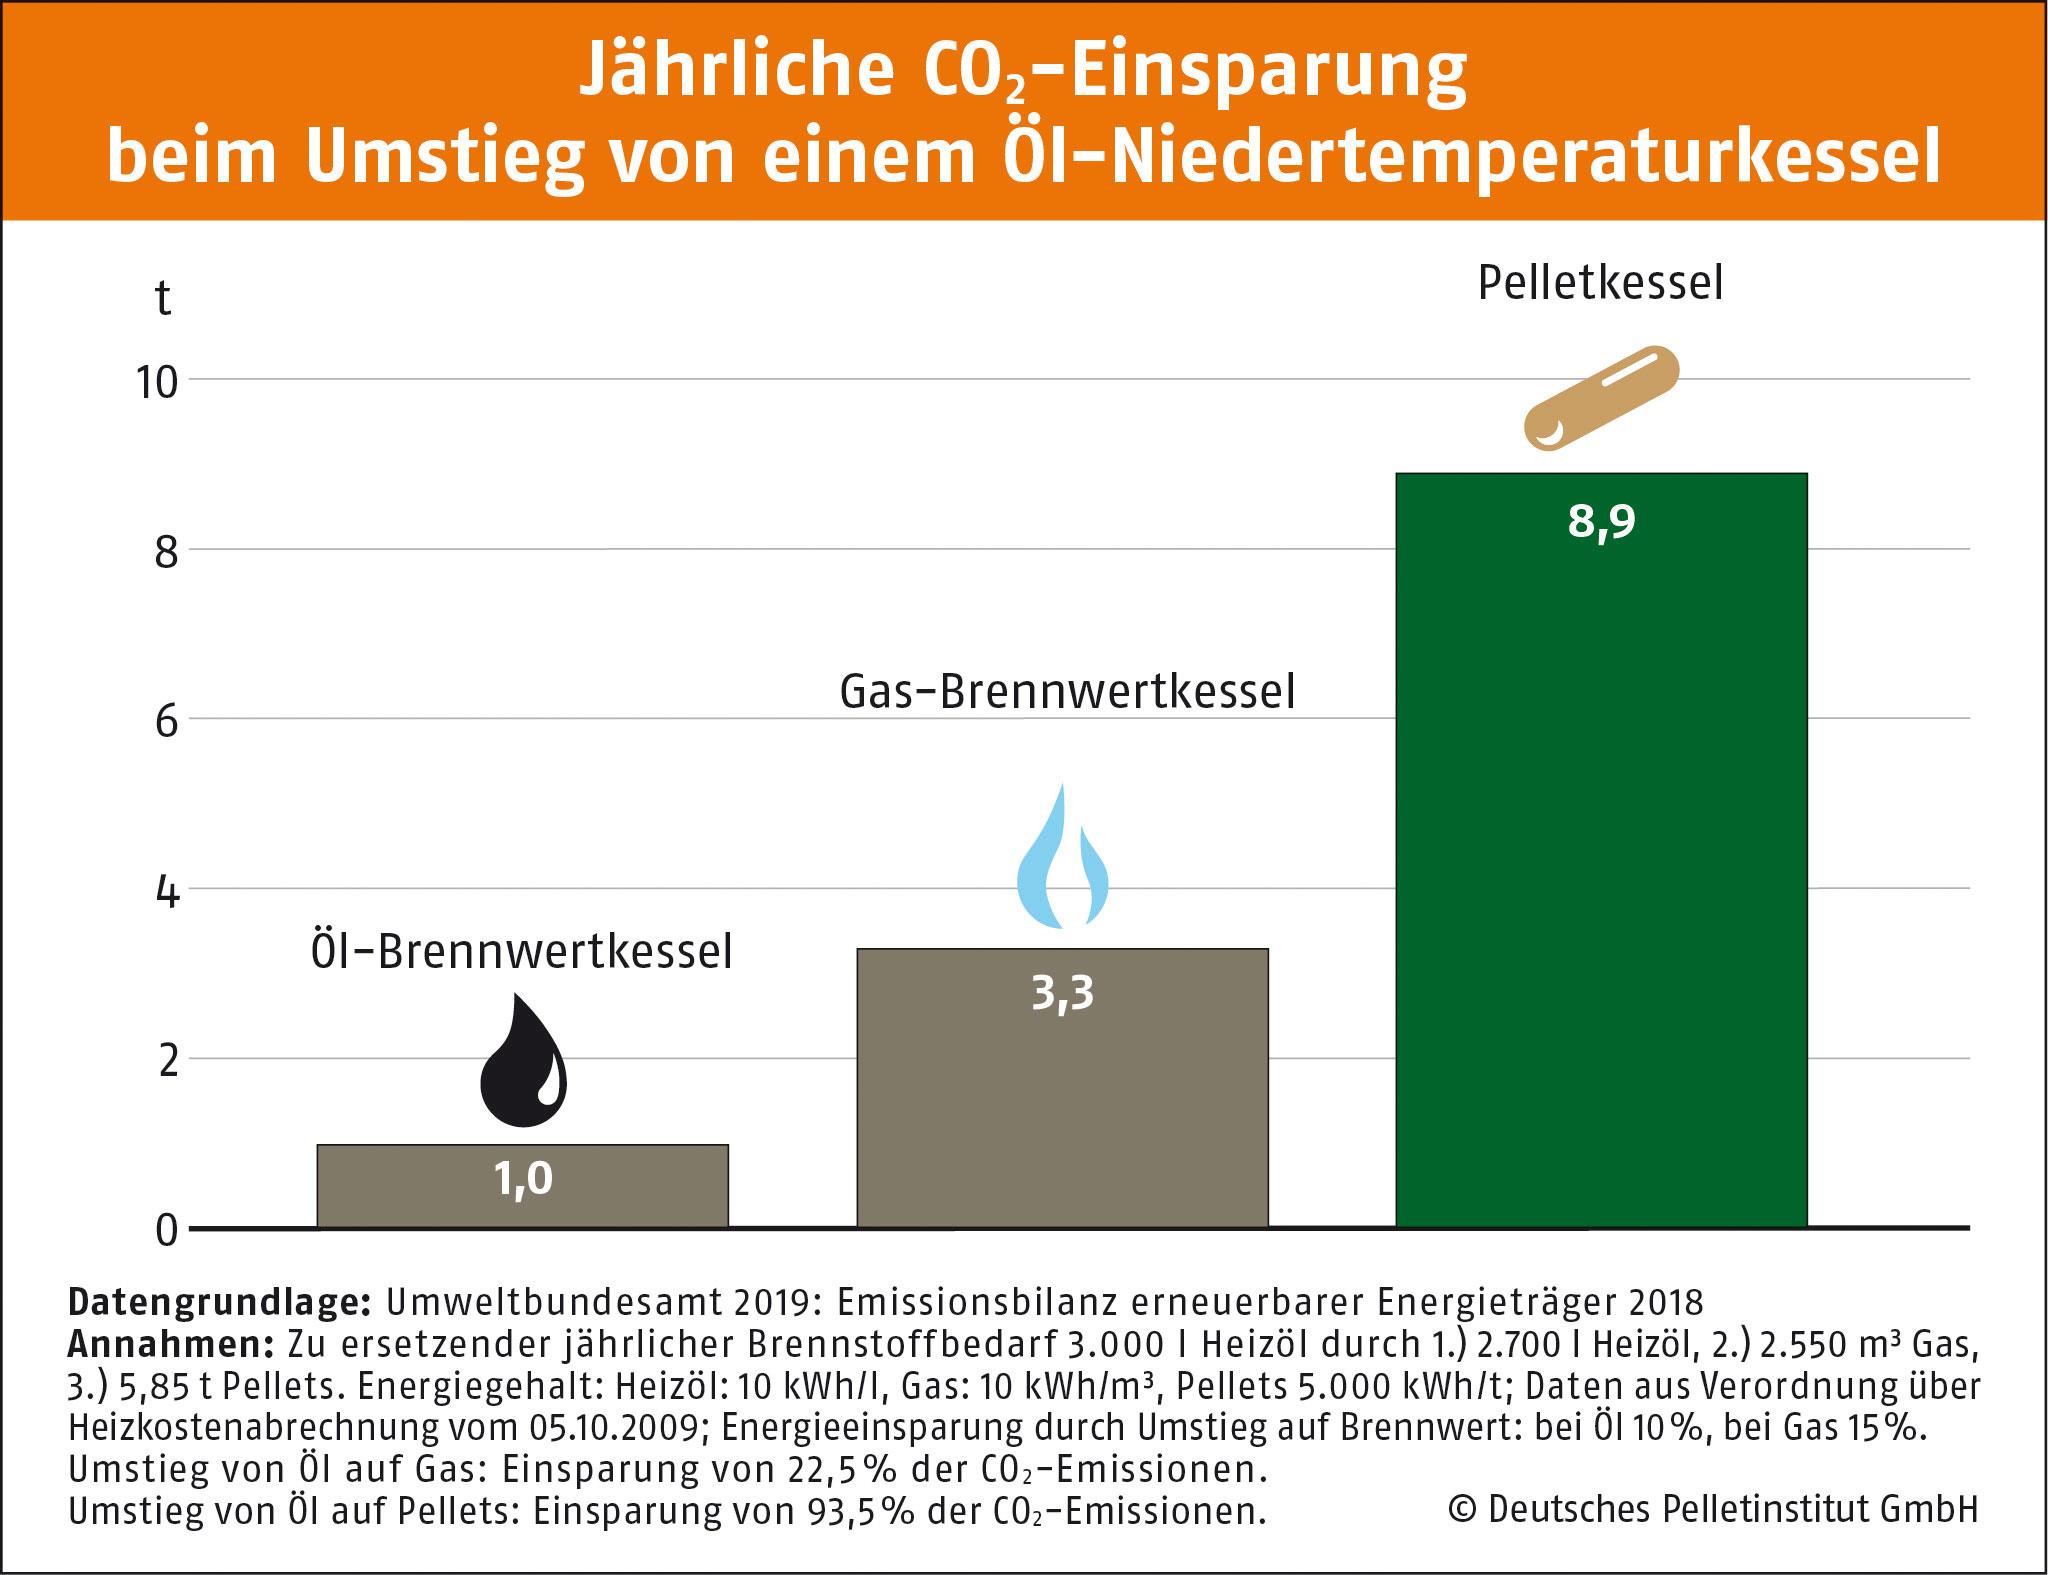 Info-Grafik Jährliche CO2-Einsparung beim Umstieg von einem Öl-Niedertemperaturkessel